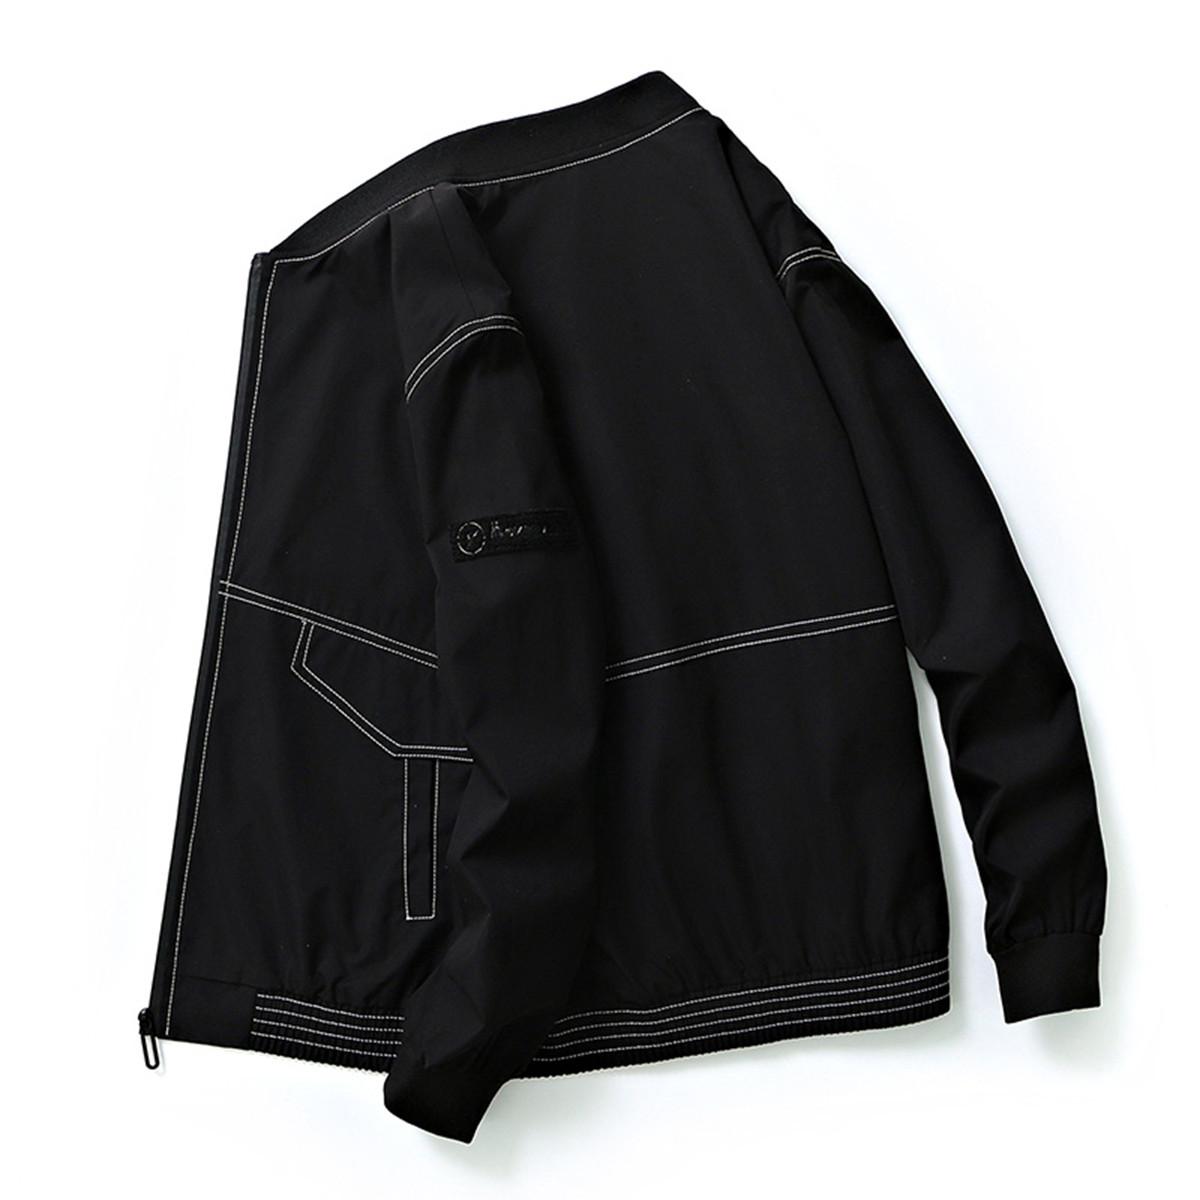 外套男士秋季潮牌上衣韩版棒球服上衣学生休闲运动男式夹克艾夫斯